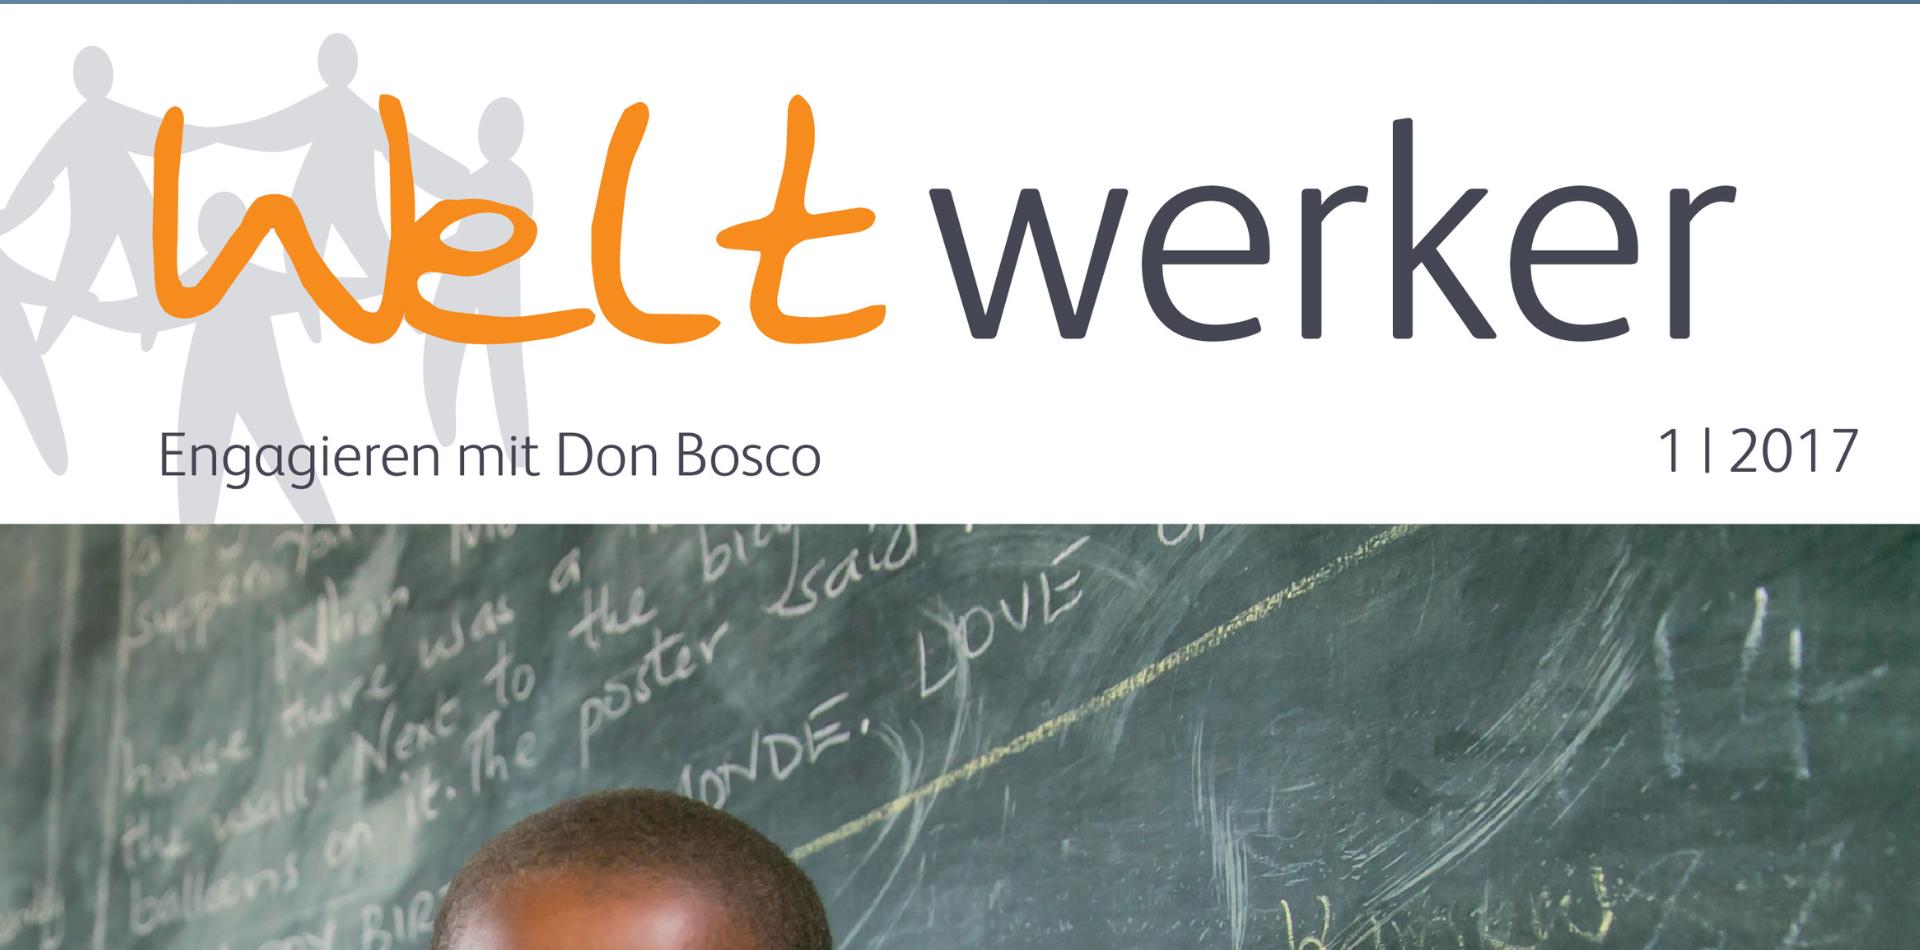 Don Bosco Weltwerker